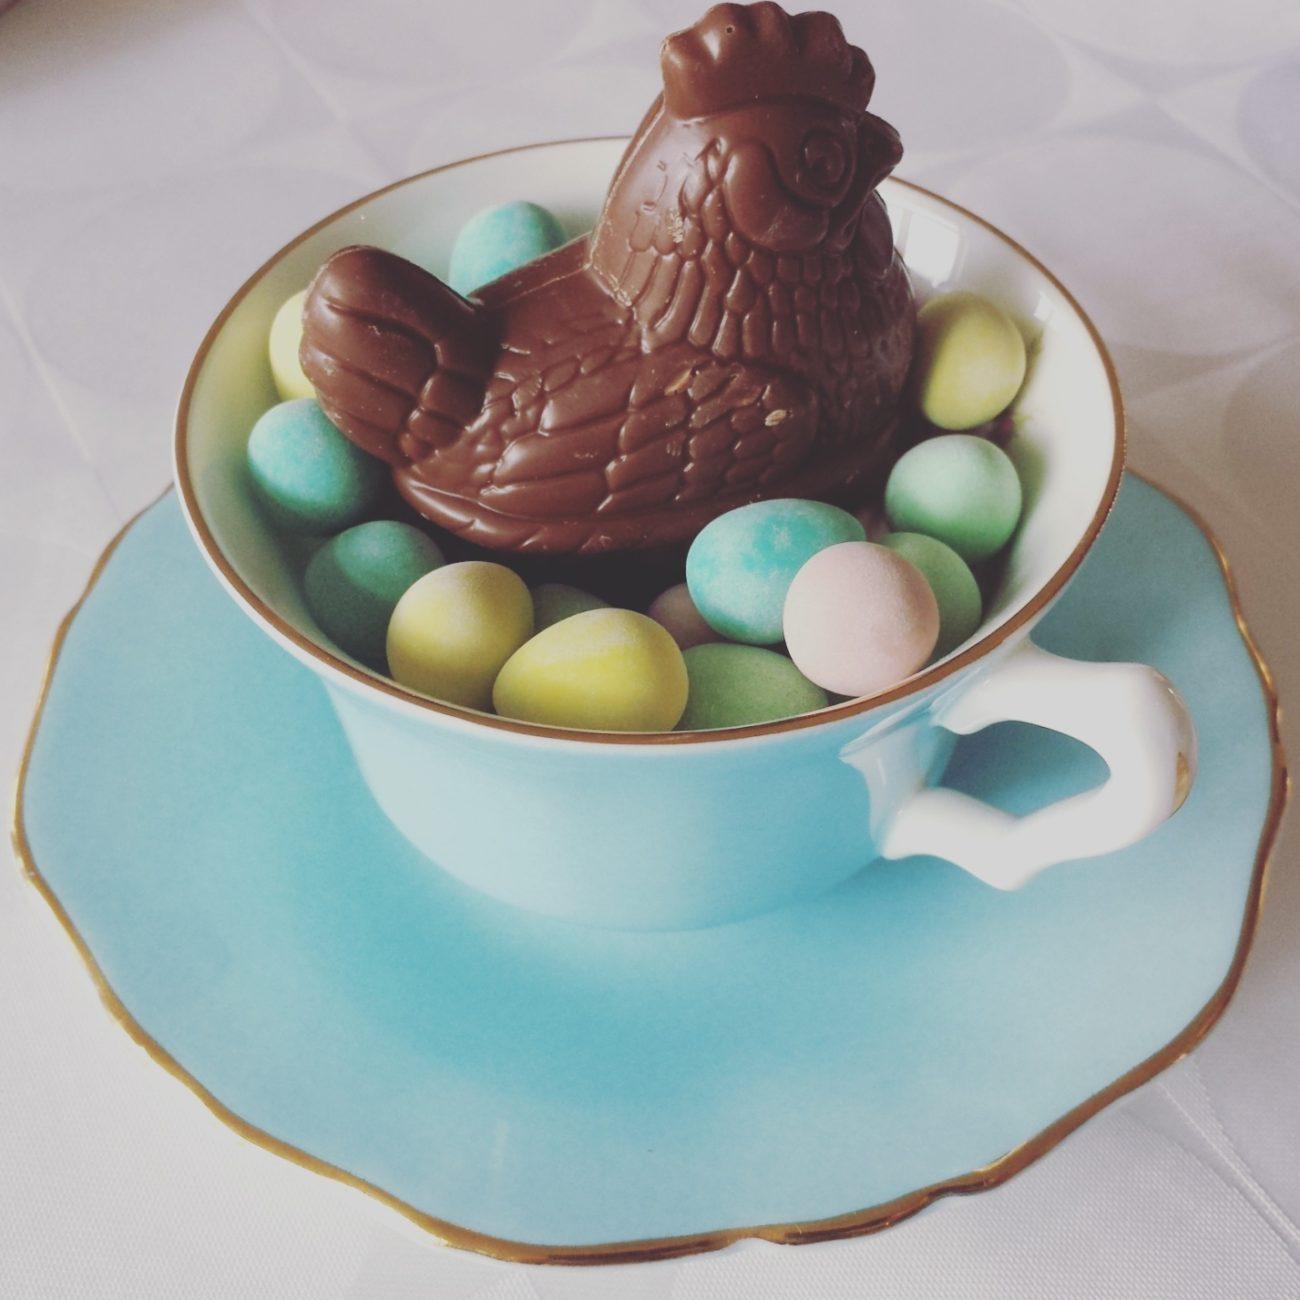 poule-chocolat-raisonetgourmandise